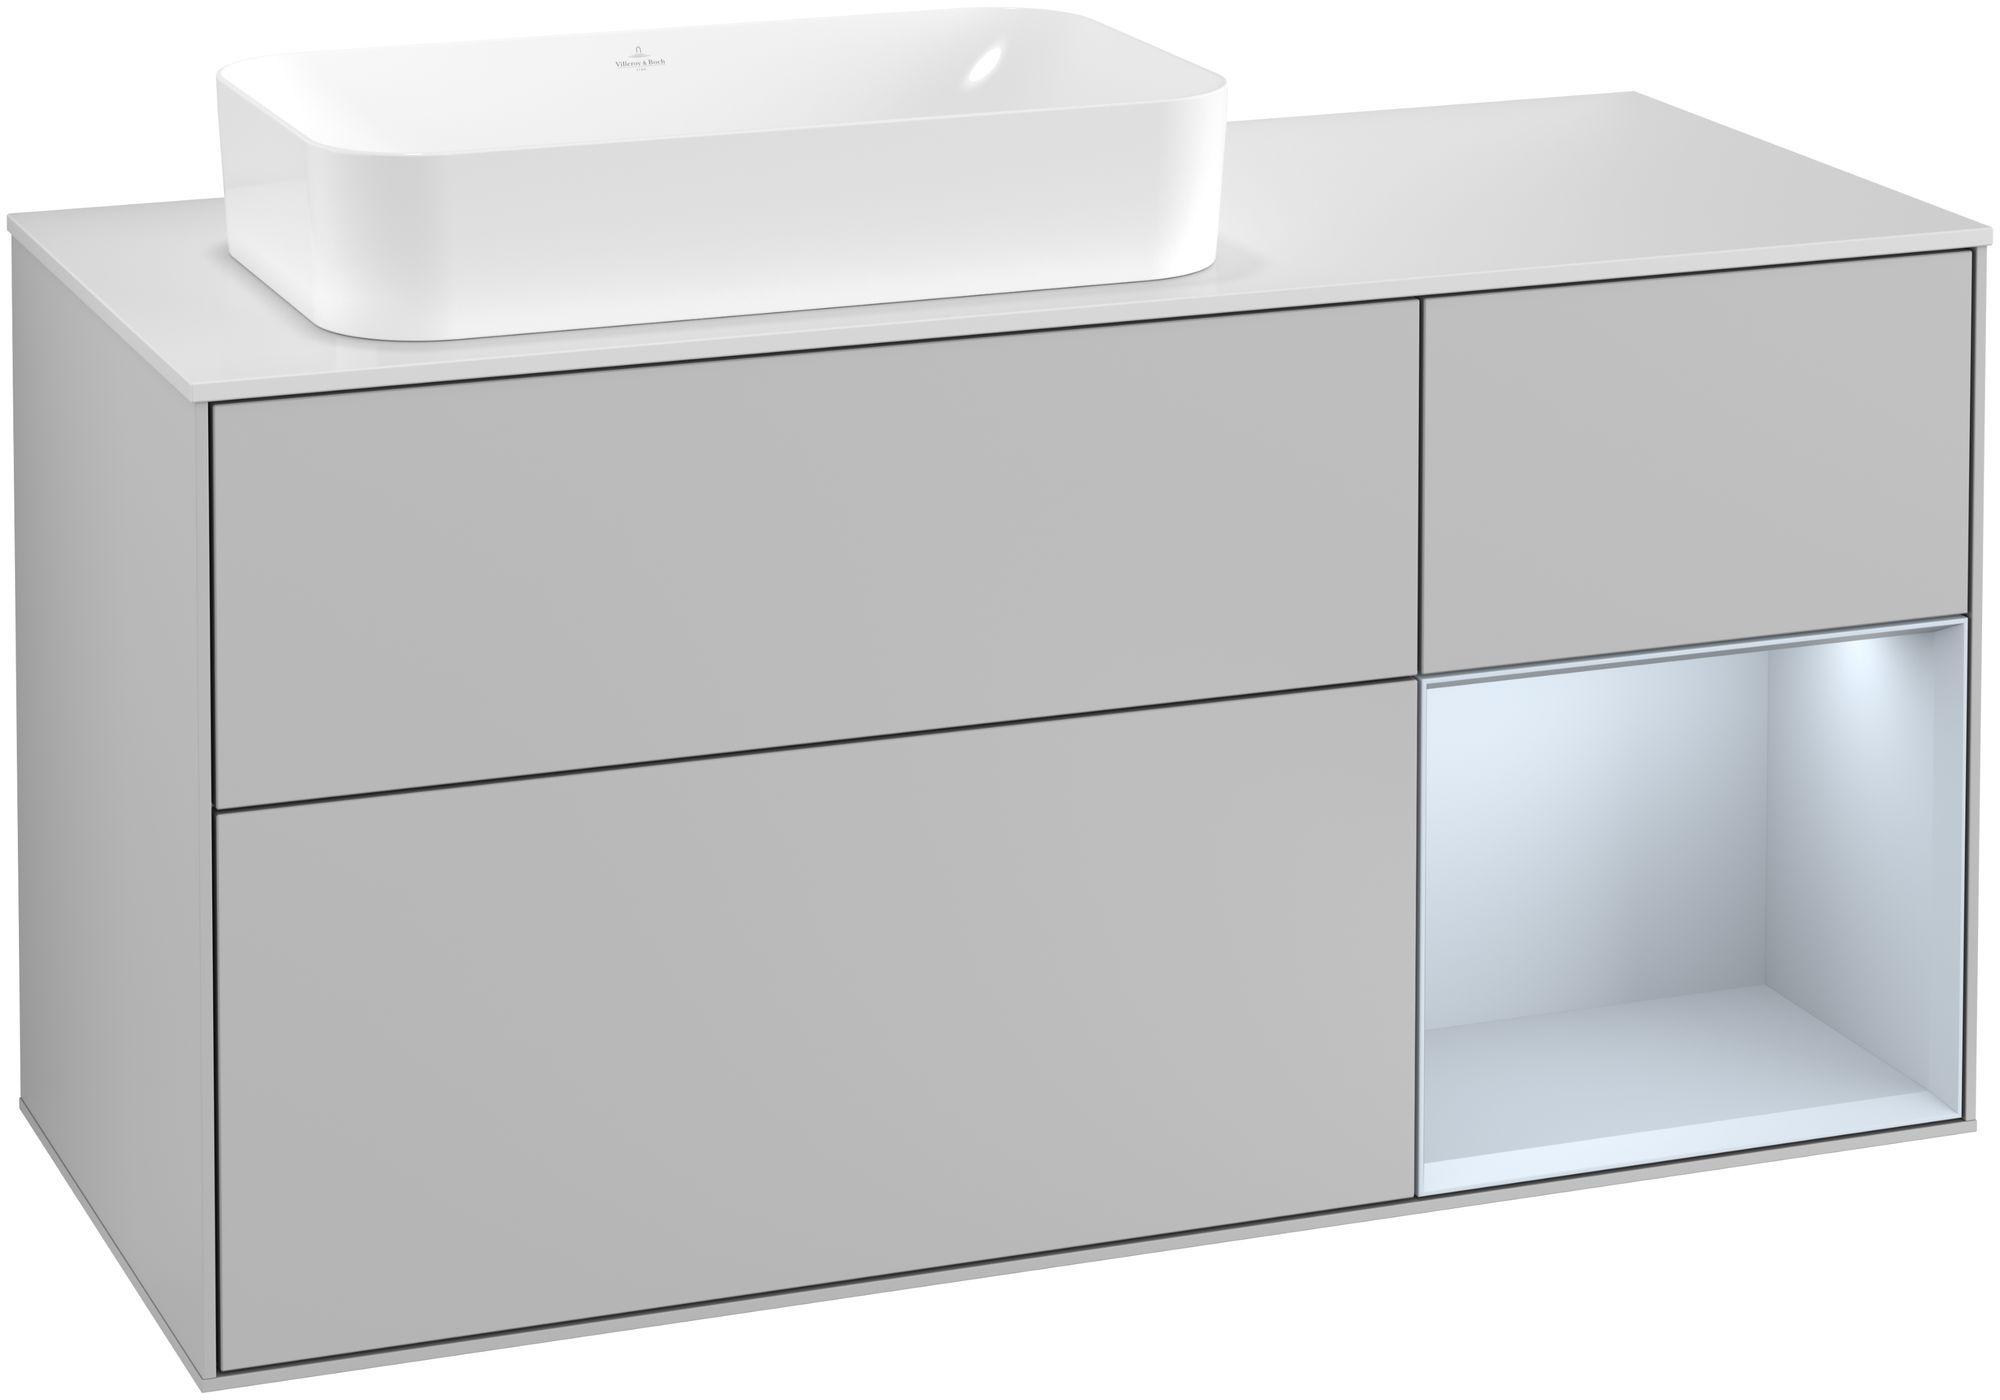 Villeroy & Boch Finion G28 Waschtischunterschrank mit Regalelement 3 Auszüge Waschtisch links LED-Beleuchtung B:120xH:60,3xT:50,1cm Front, Korpus: Light Grey Matt, Regal: Cloud, Glasplatte: White Matt G281HAGJ